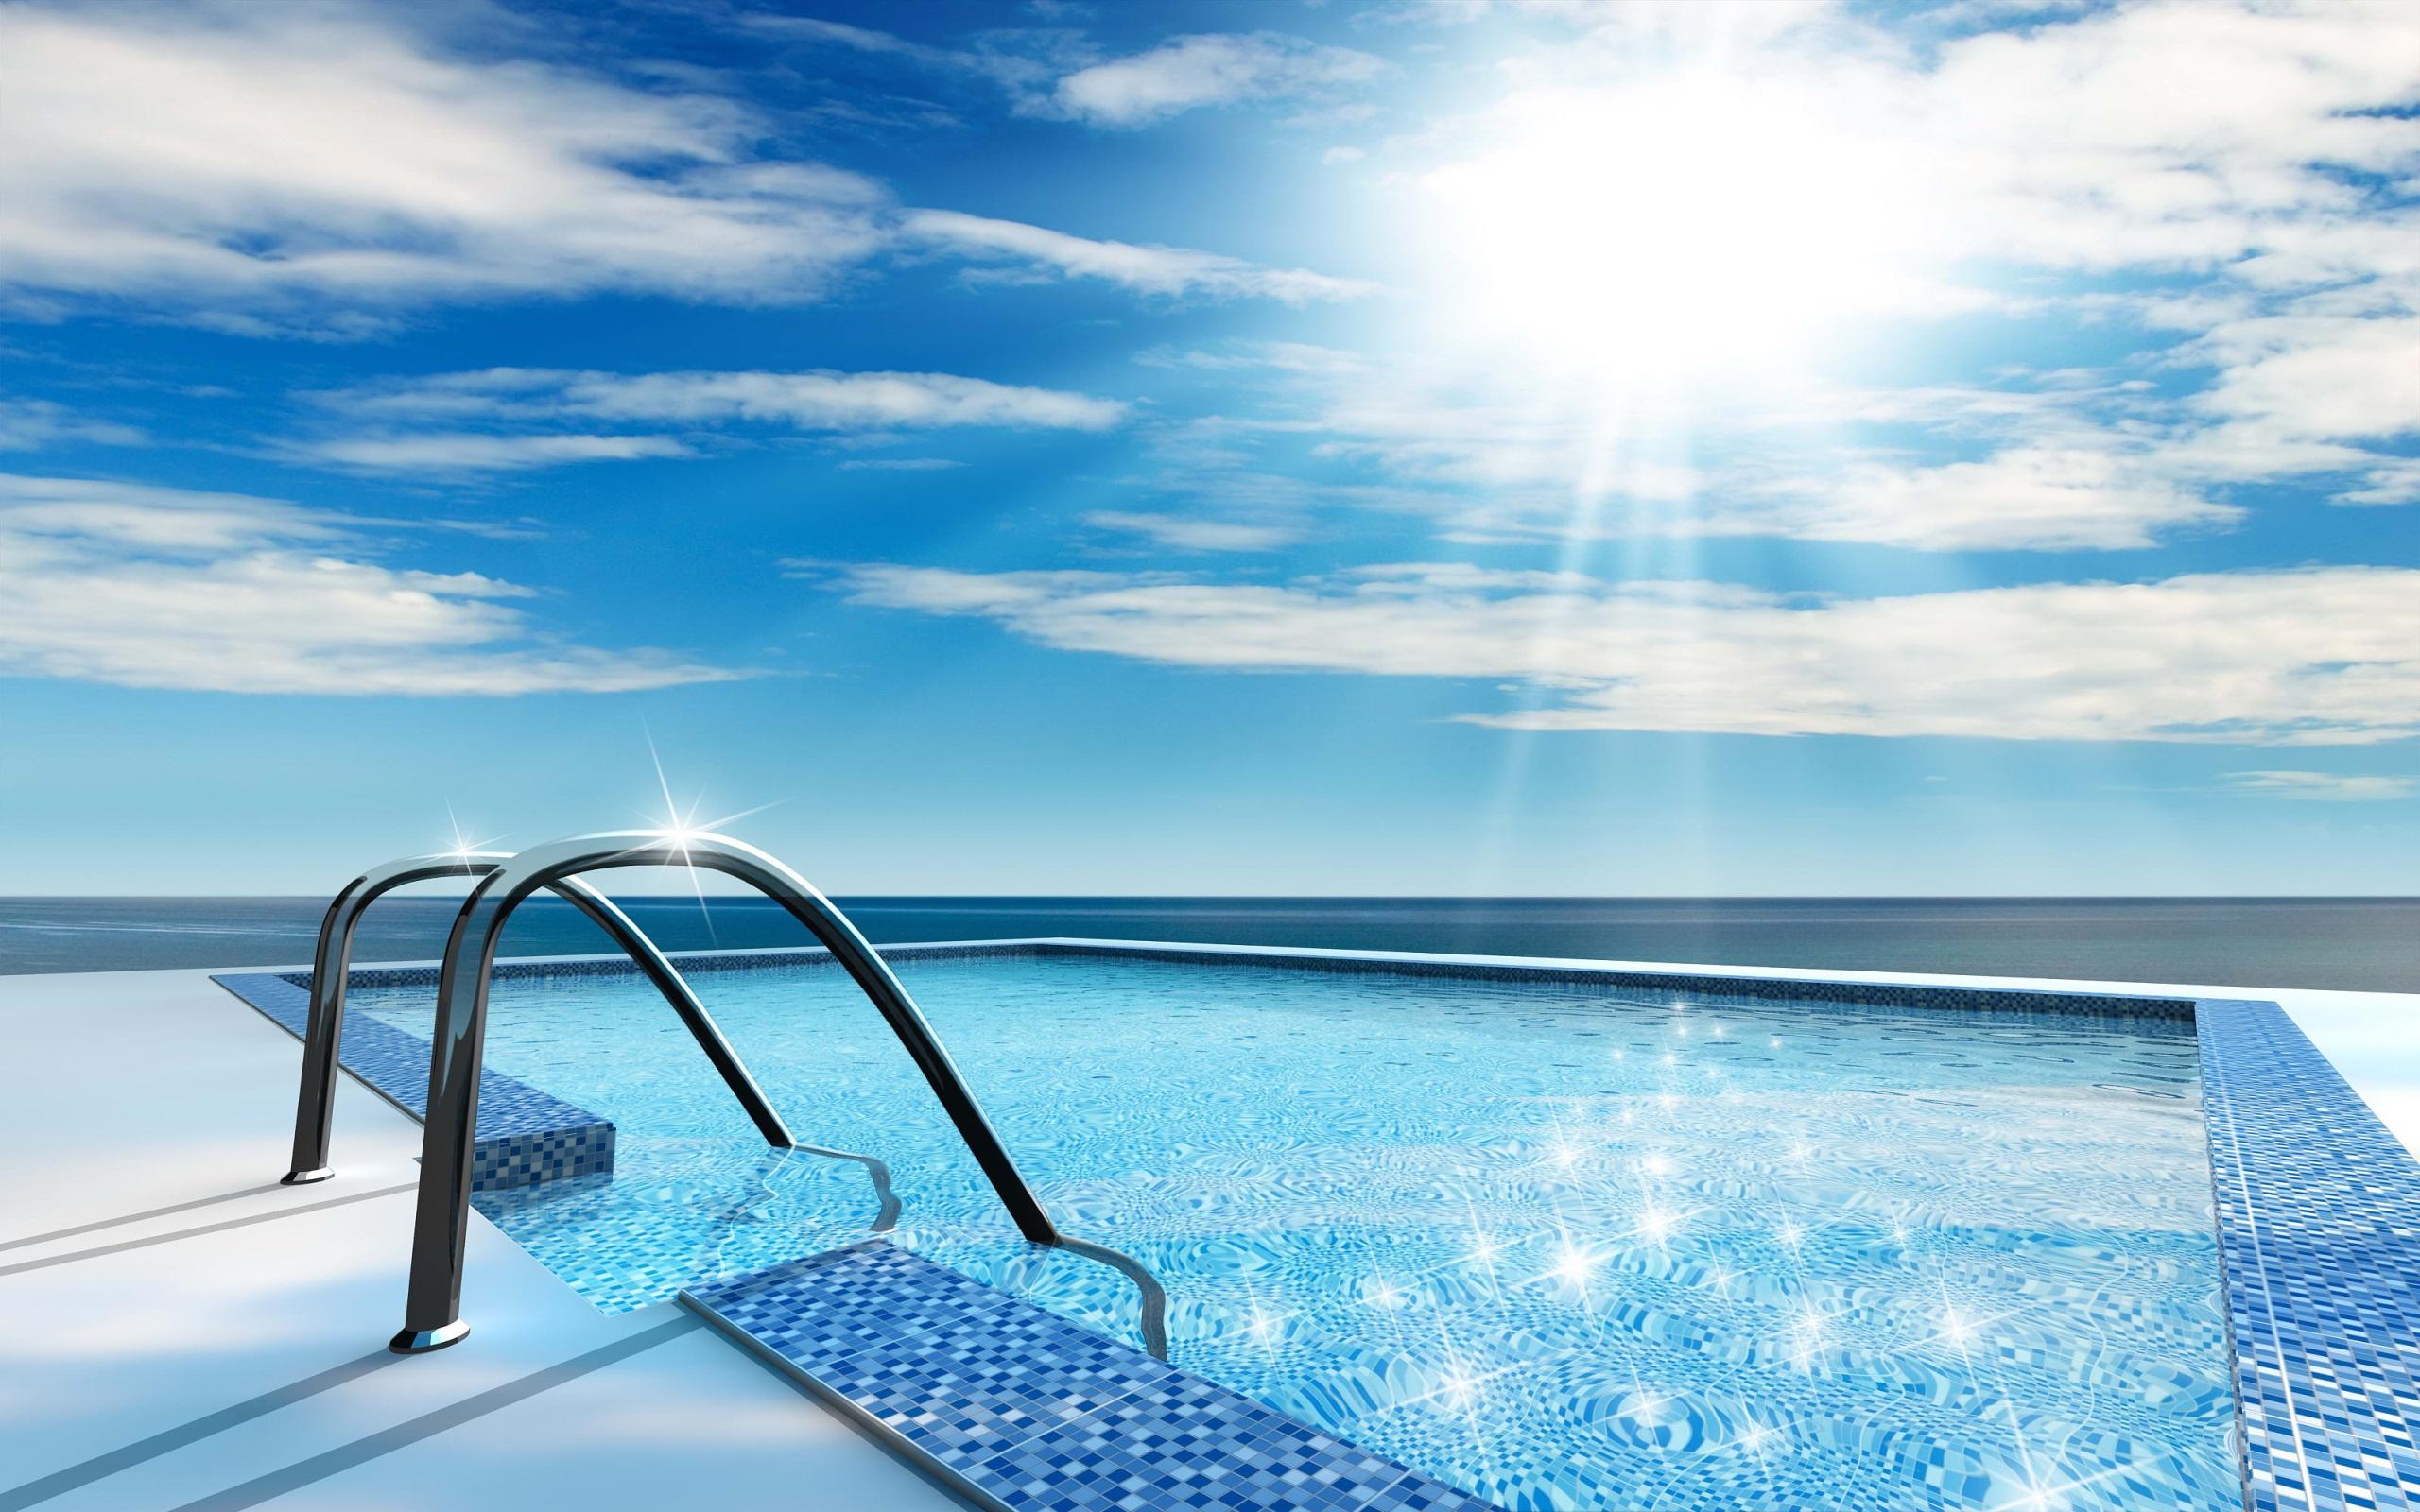 Pool Wallpaper